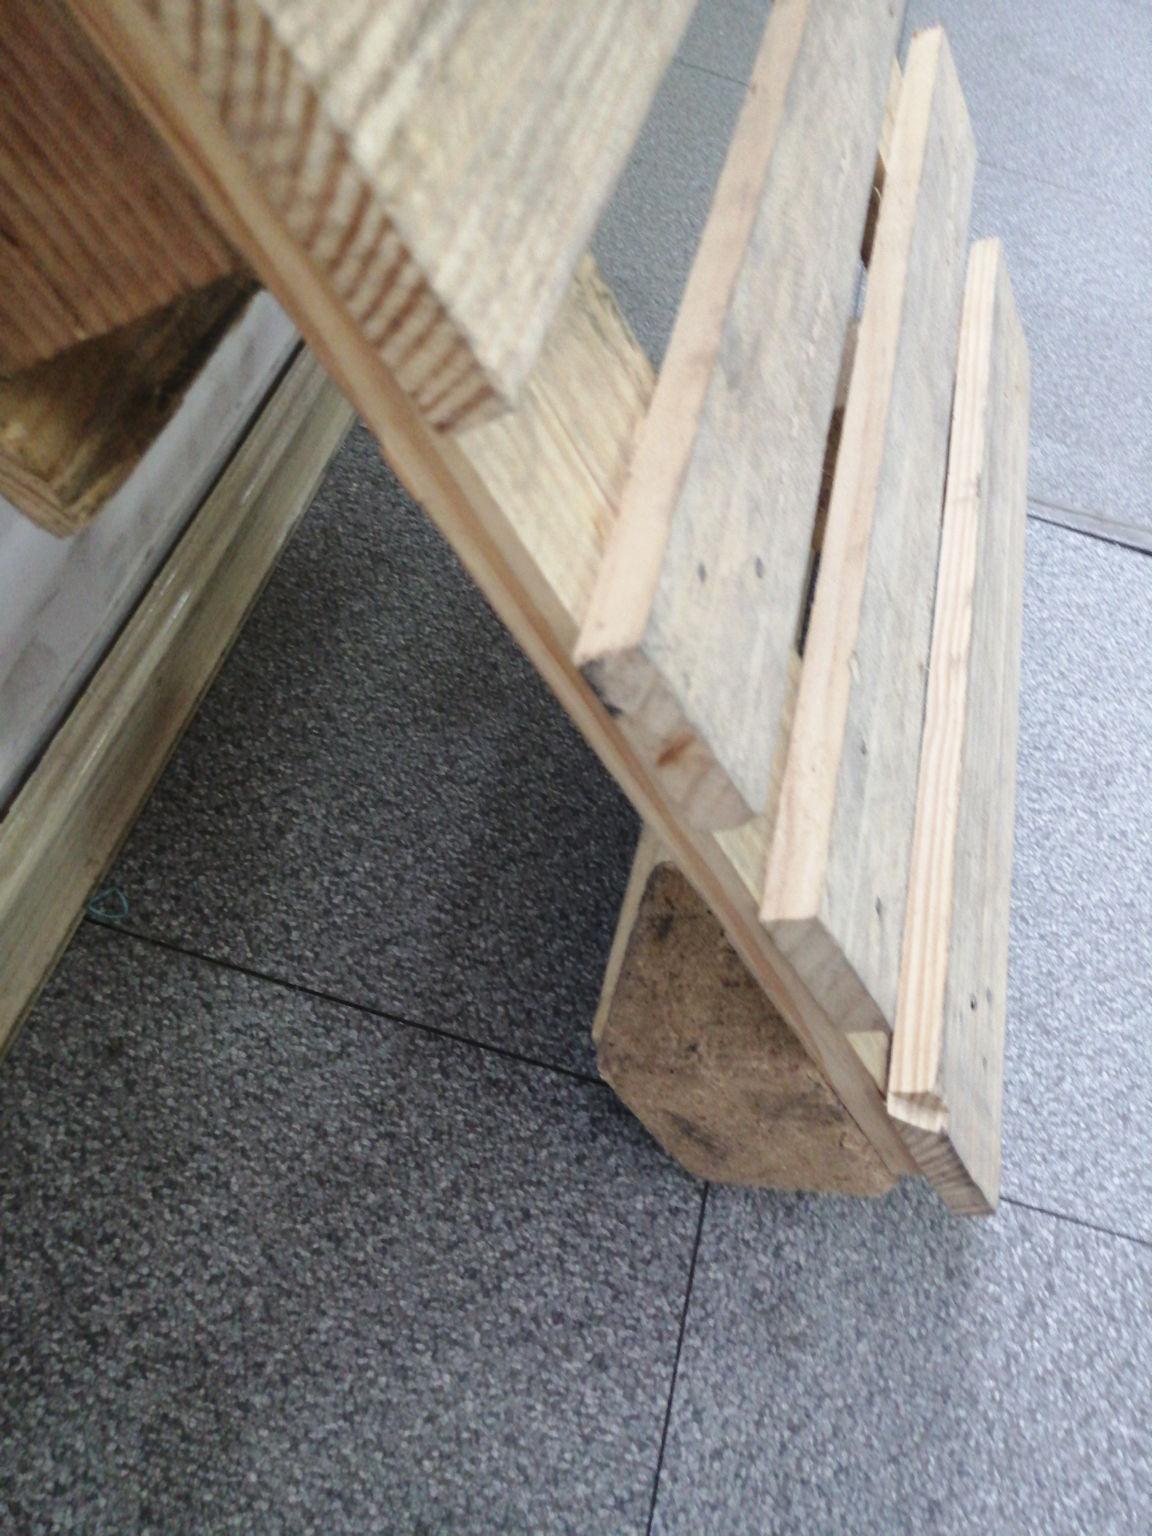 镇江新型滑托盘报价清单主要依据山东省滑托盘产品质量